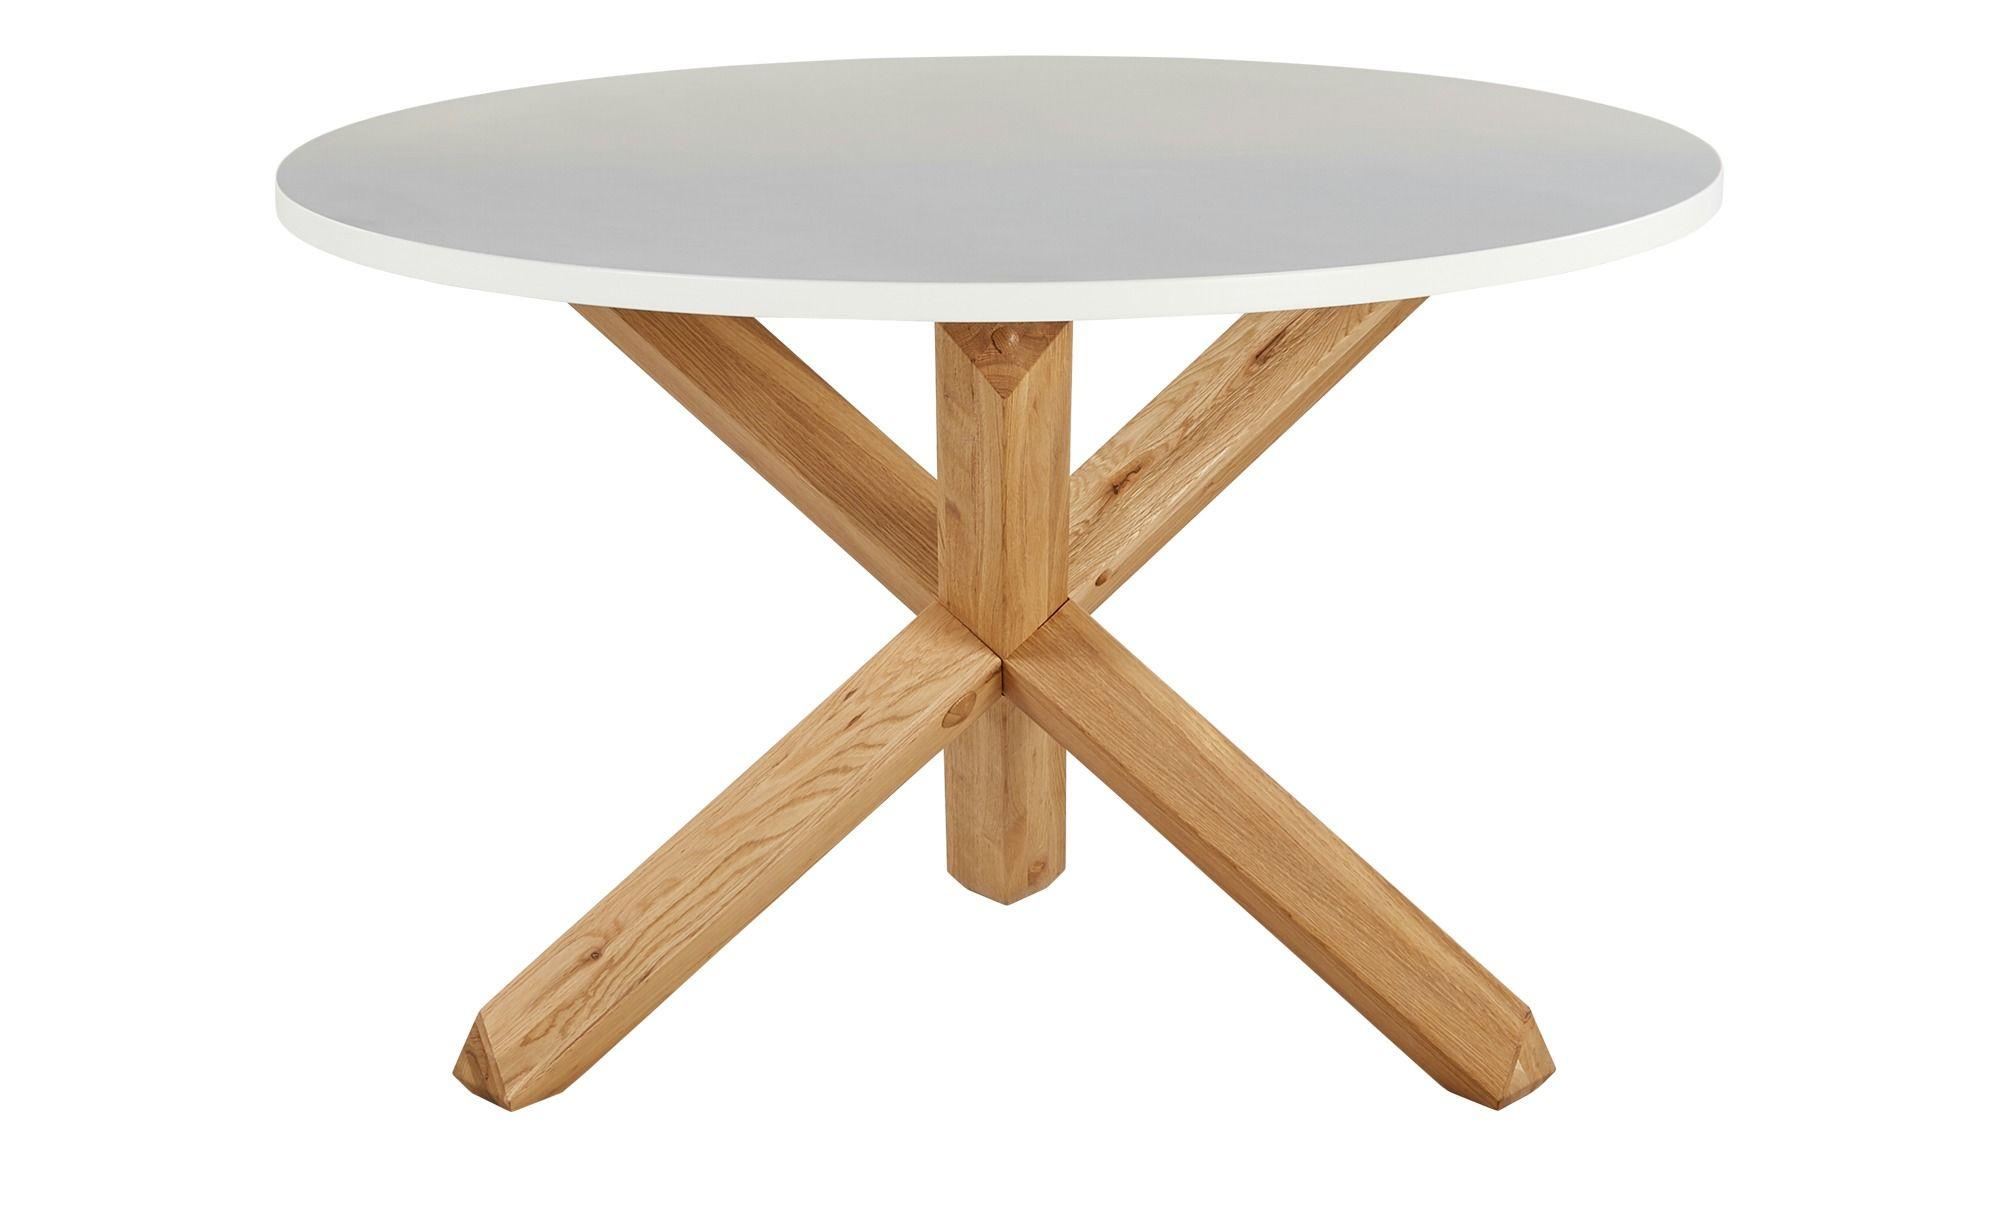 Esstisch Figo Holzfarben Masse Cm H 75 O 120 Tische